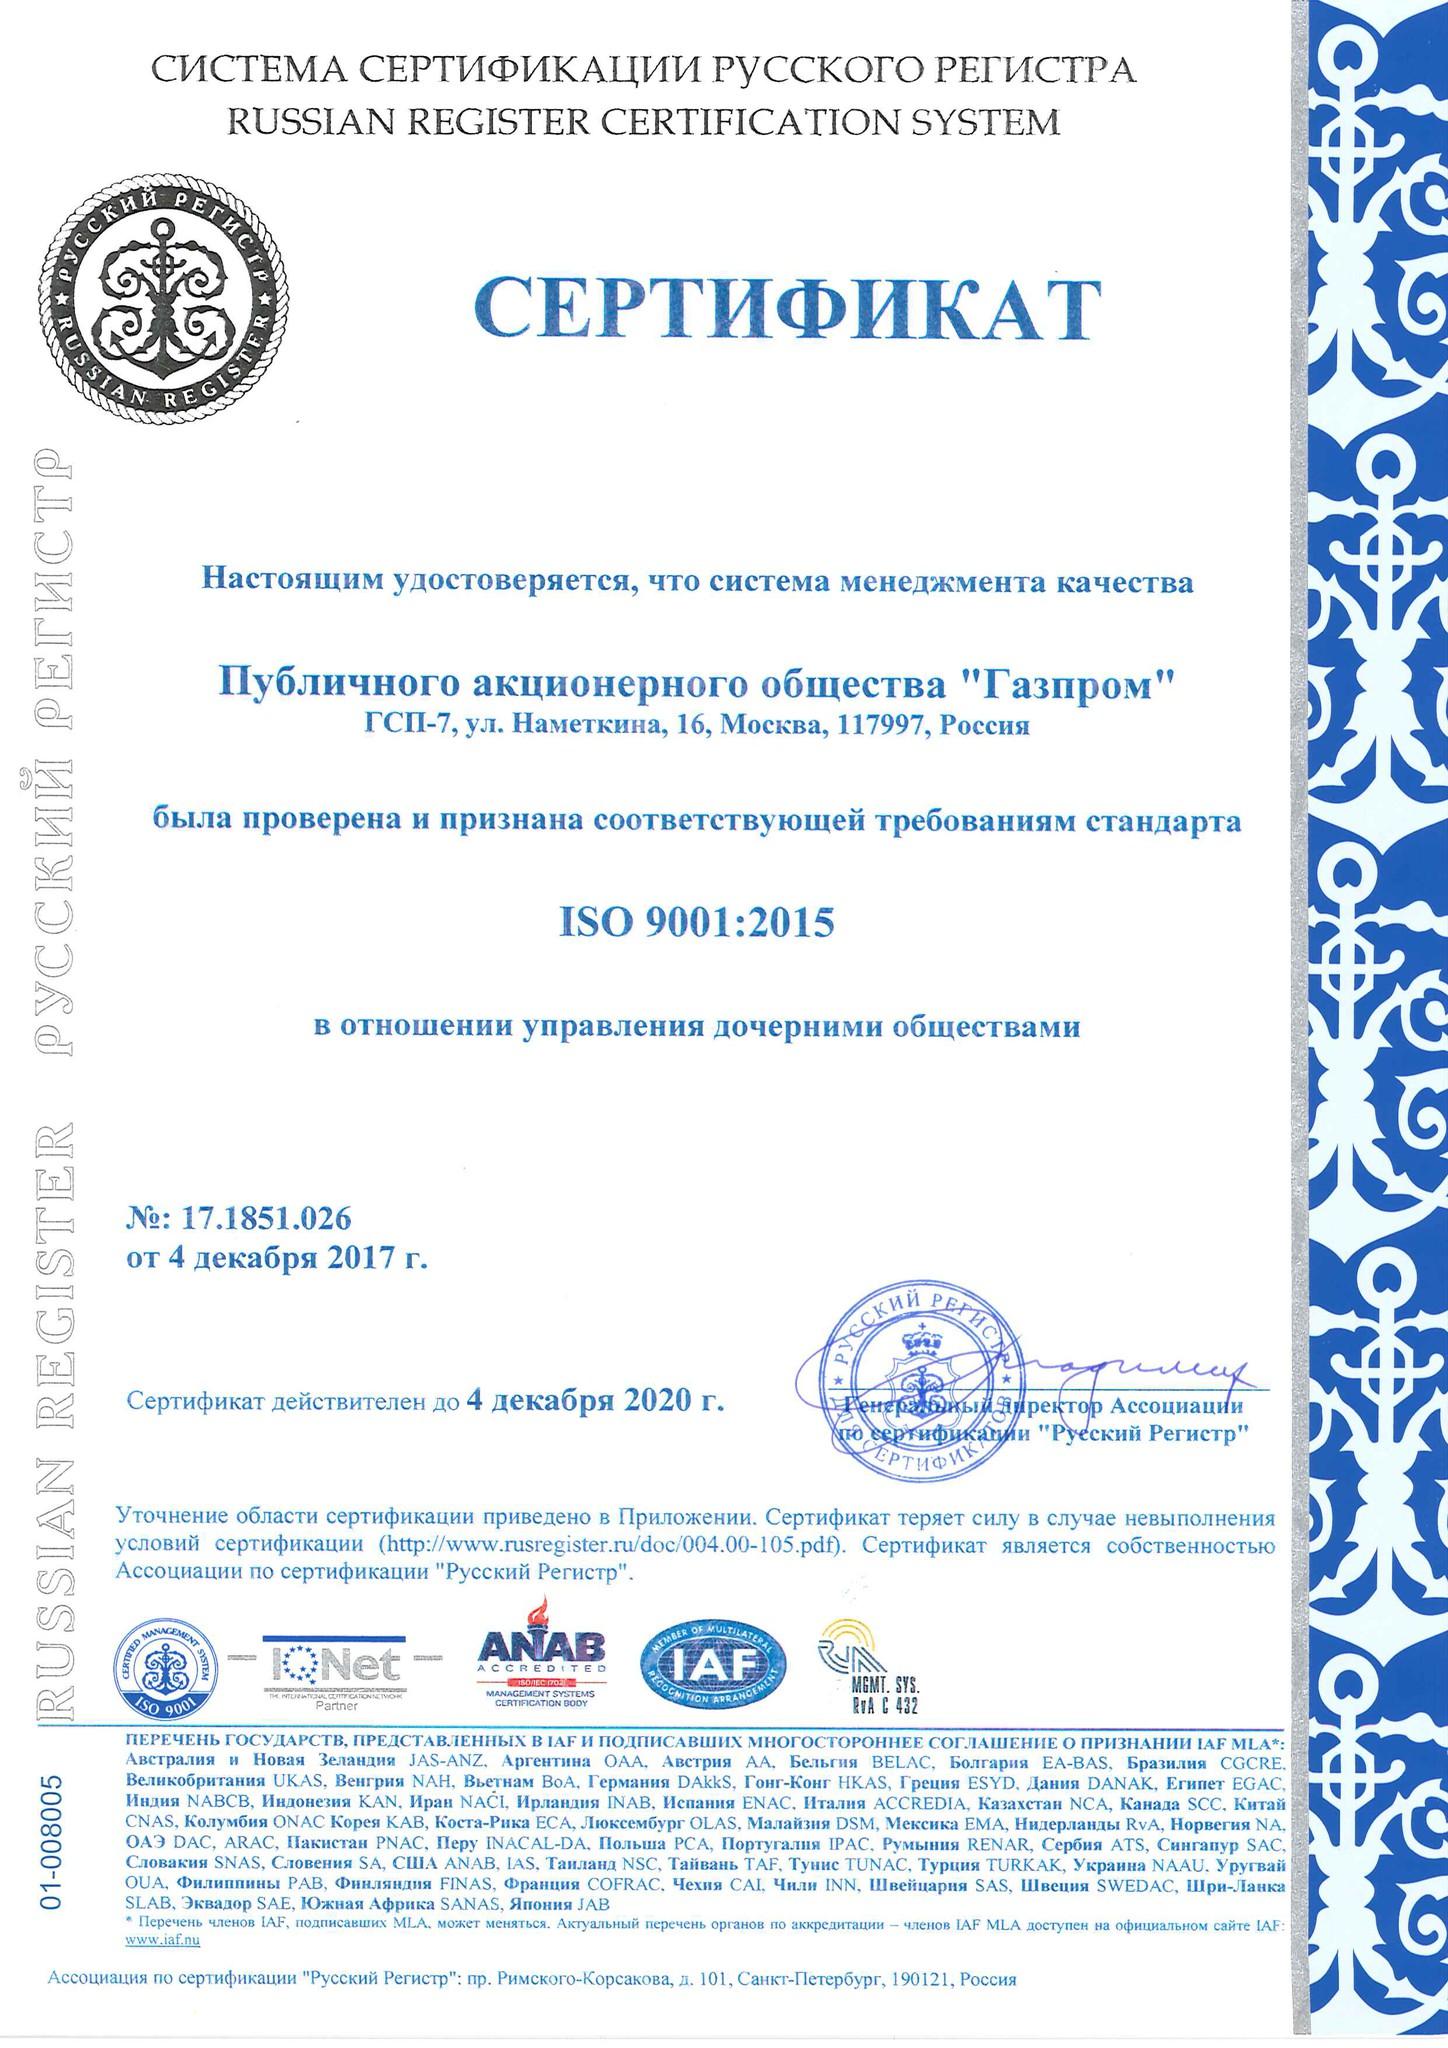 Сертификация газпром-промгаз в газпромсерт схемы сертификации мосстройсертификация